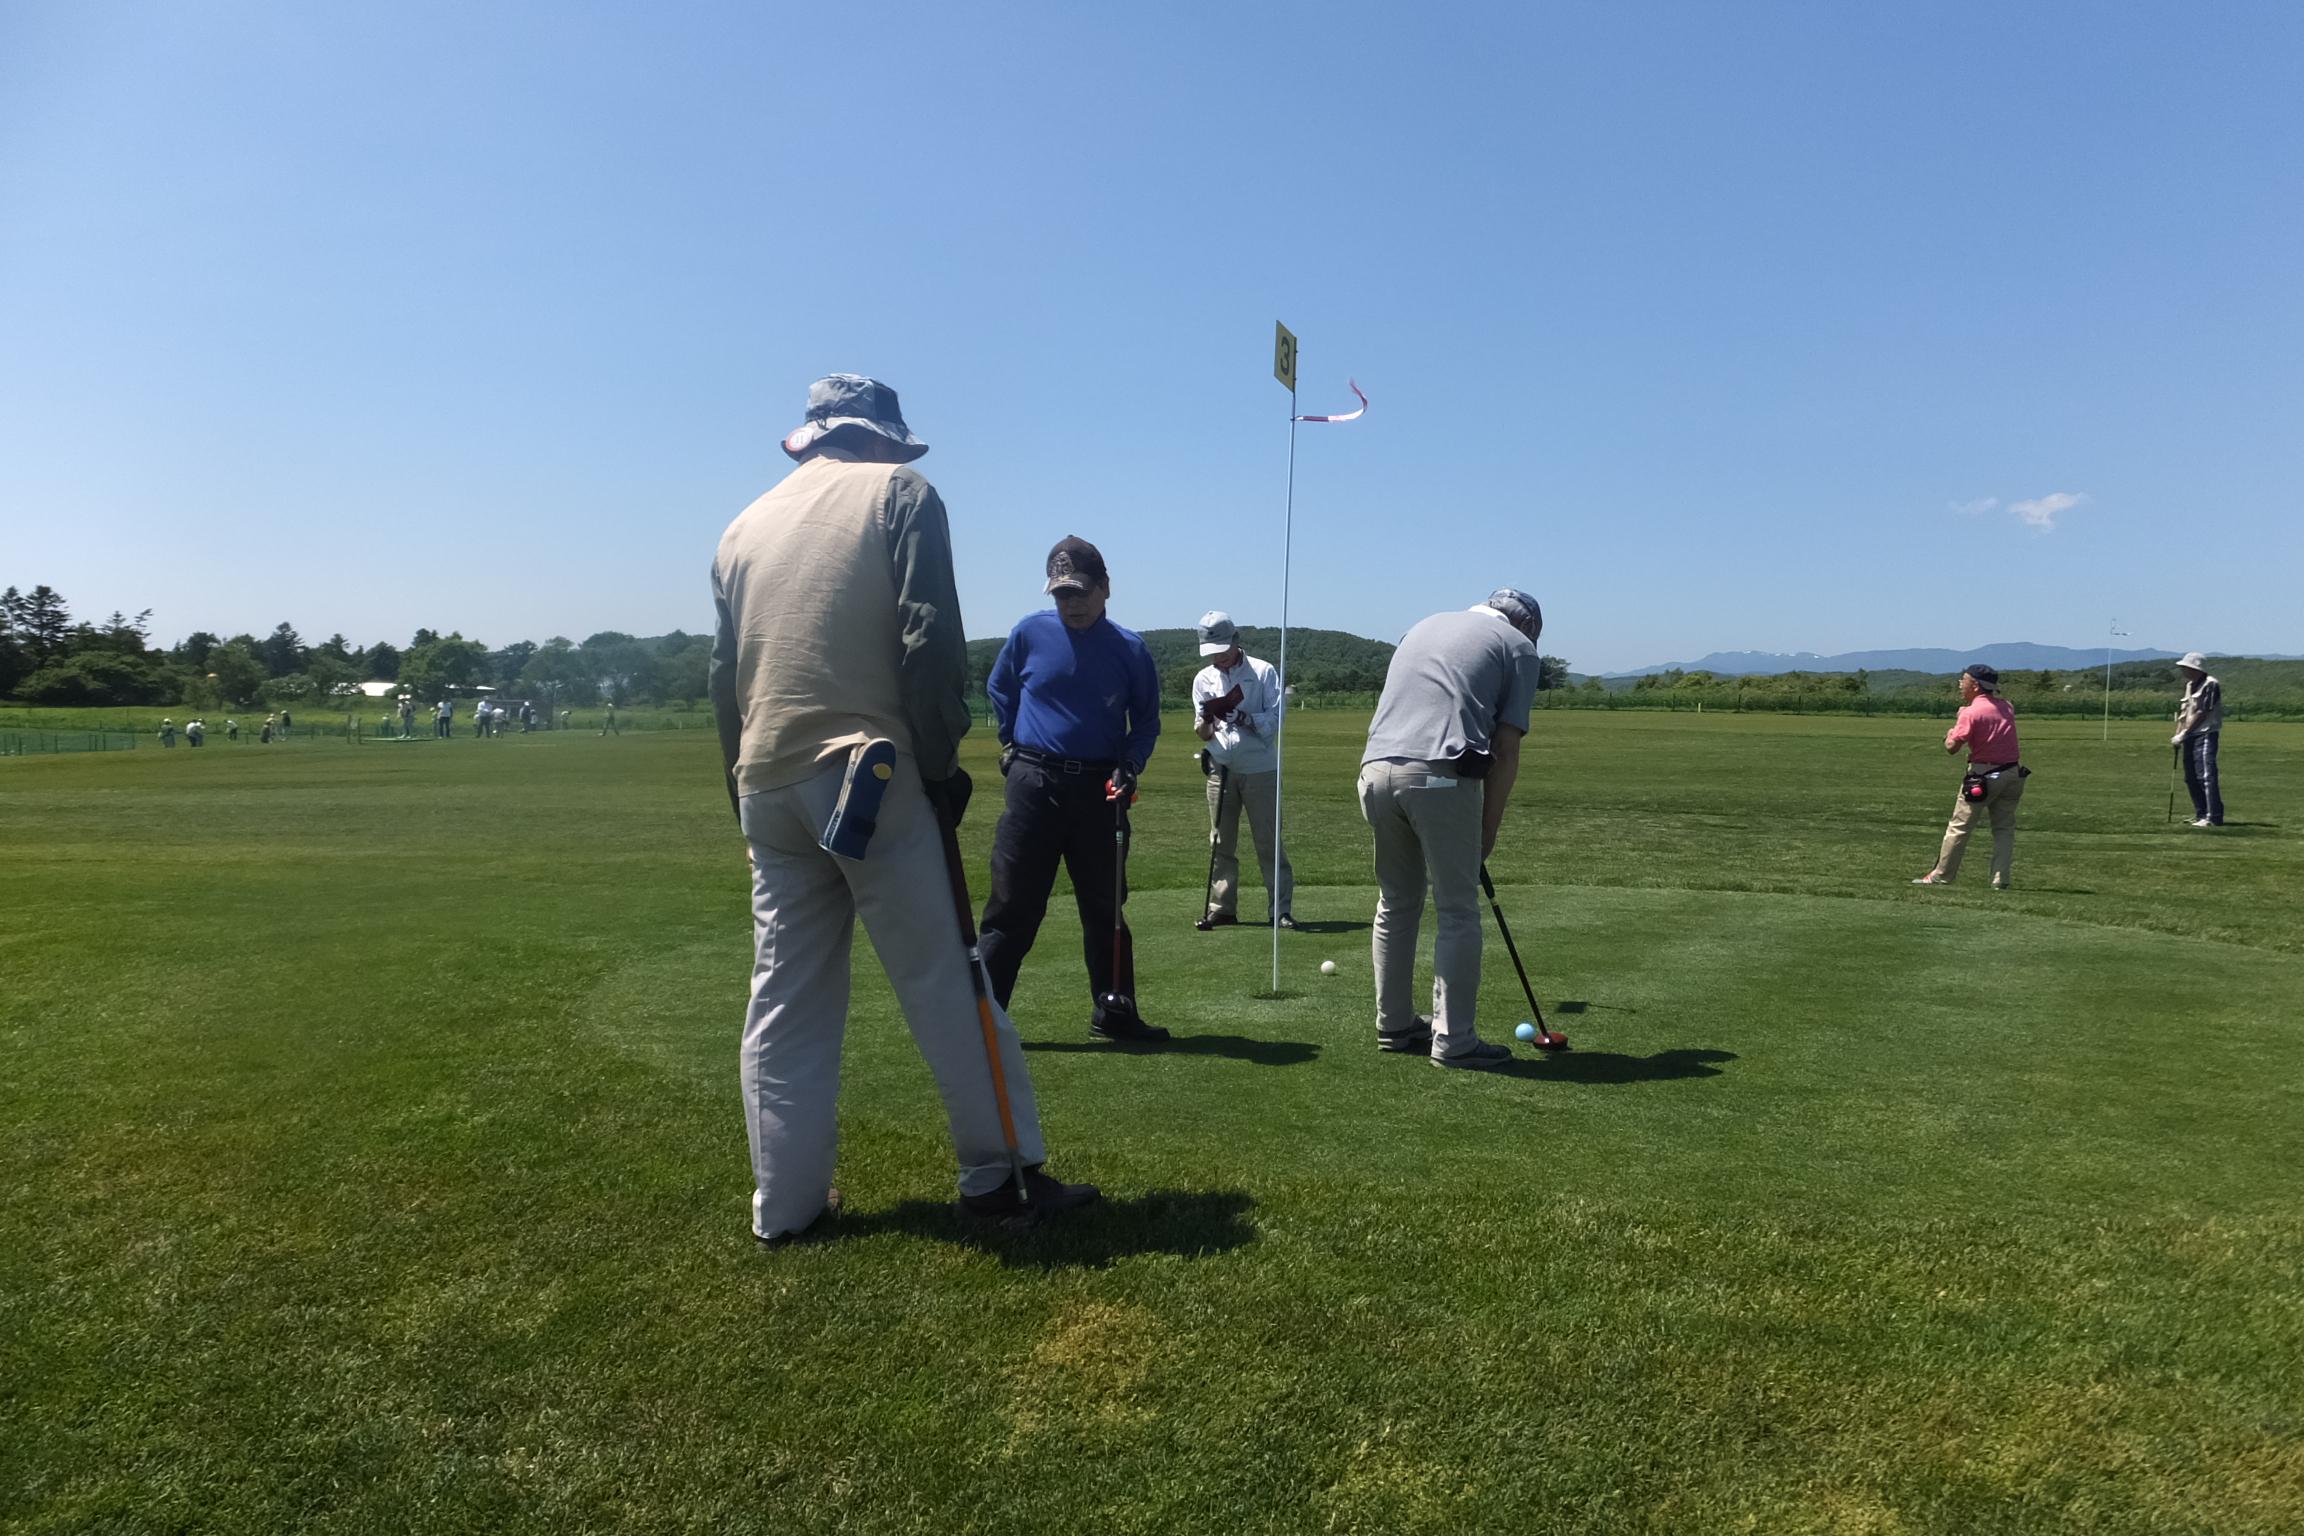 輪厚国際ゴルフコース「パークゴルフ大会」(2015.6.21)